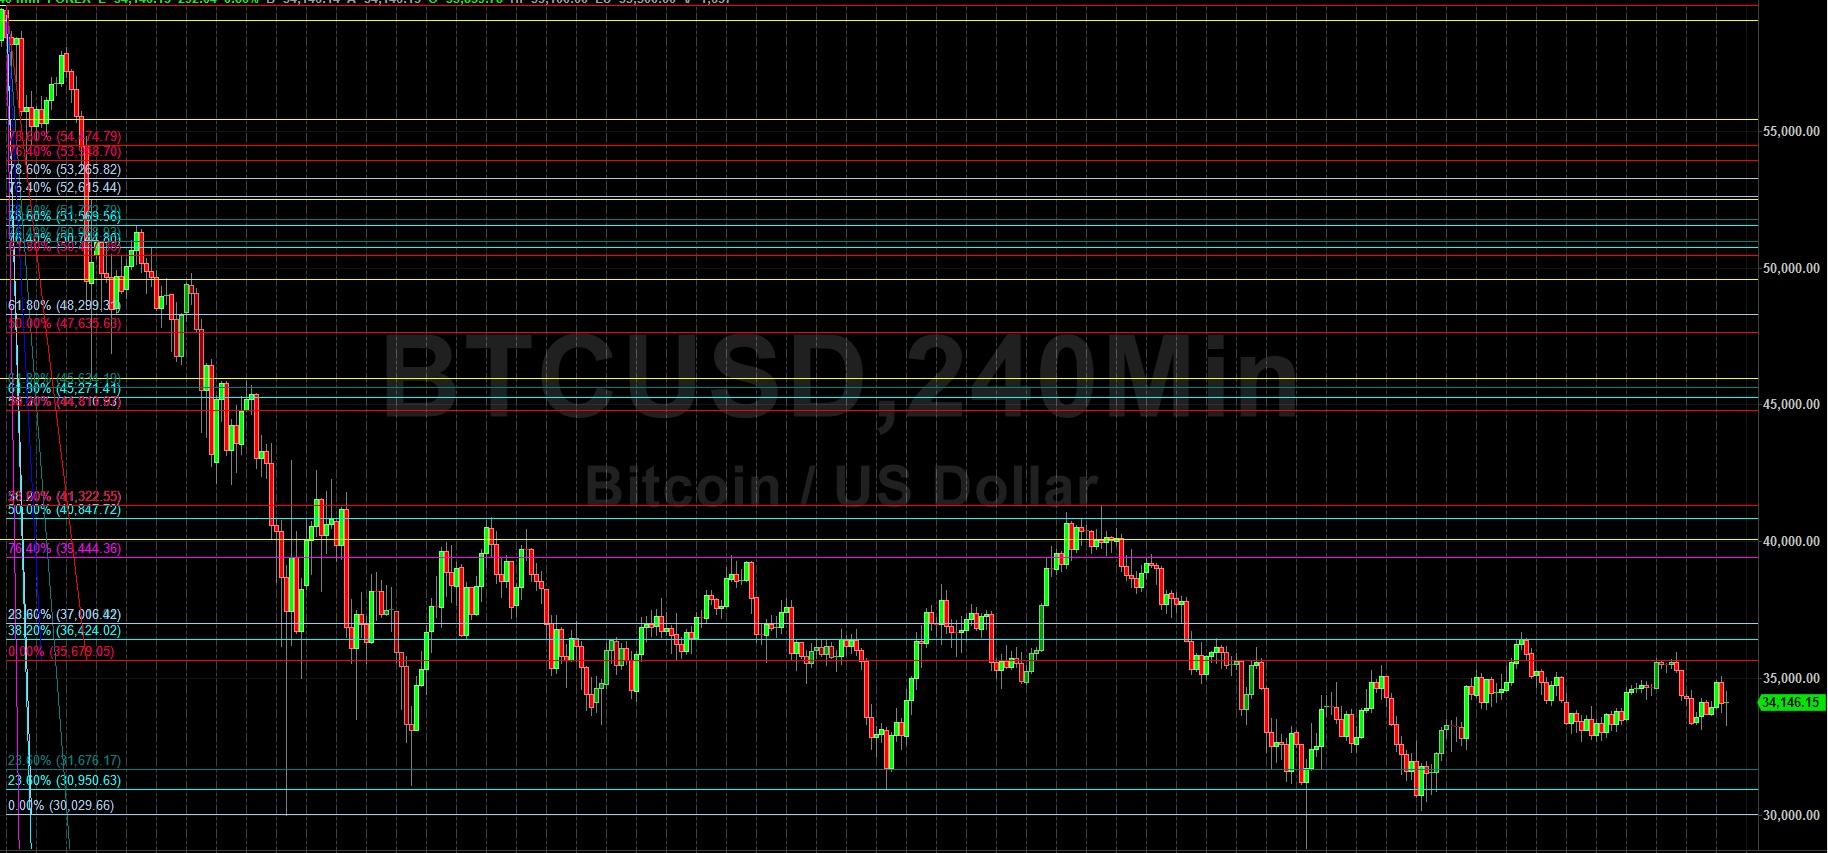 BTC/USD Bulls Focused on 38444 Level:  Sally Ho's Technical Analysis 9 July 2021 BTC